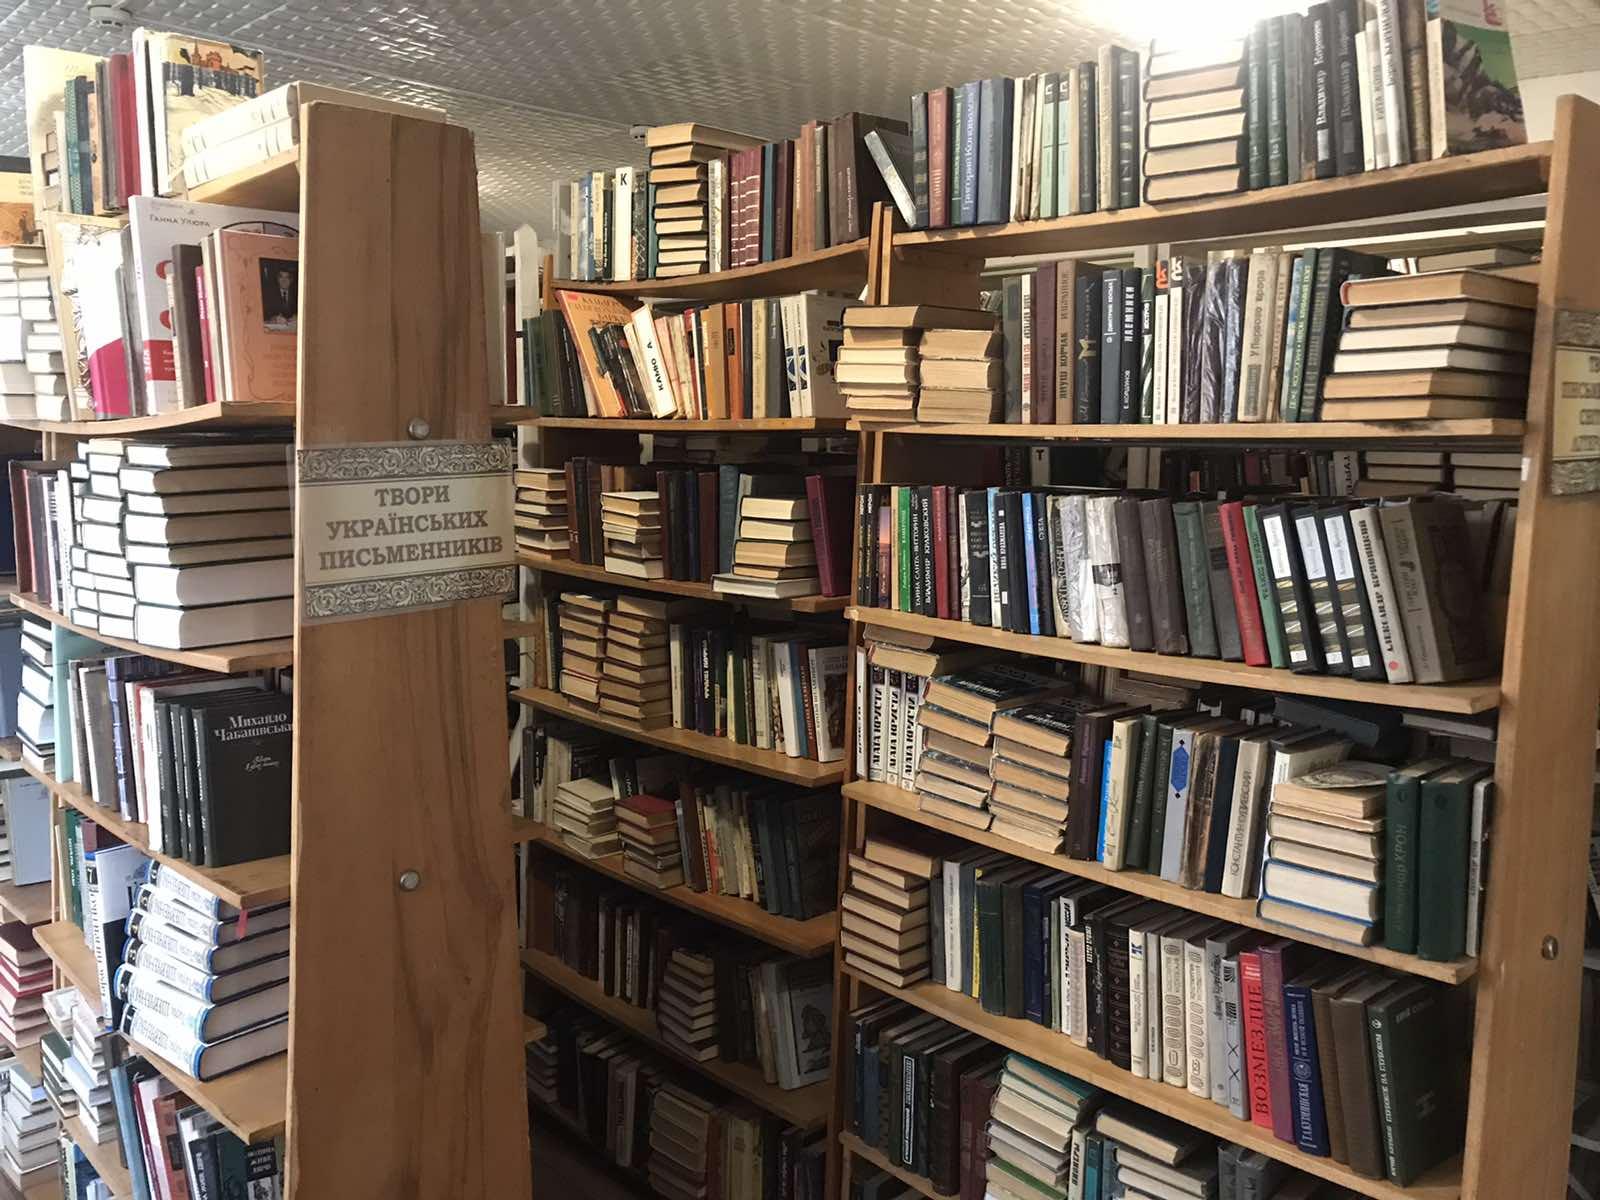 Вандалізм у законі: закривають бібліотеку, доля історичної будівлі невідома фото 3